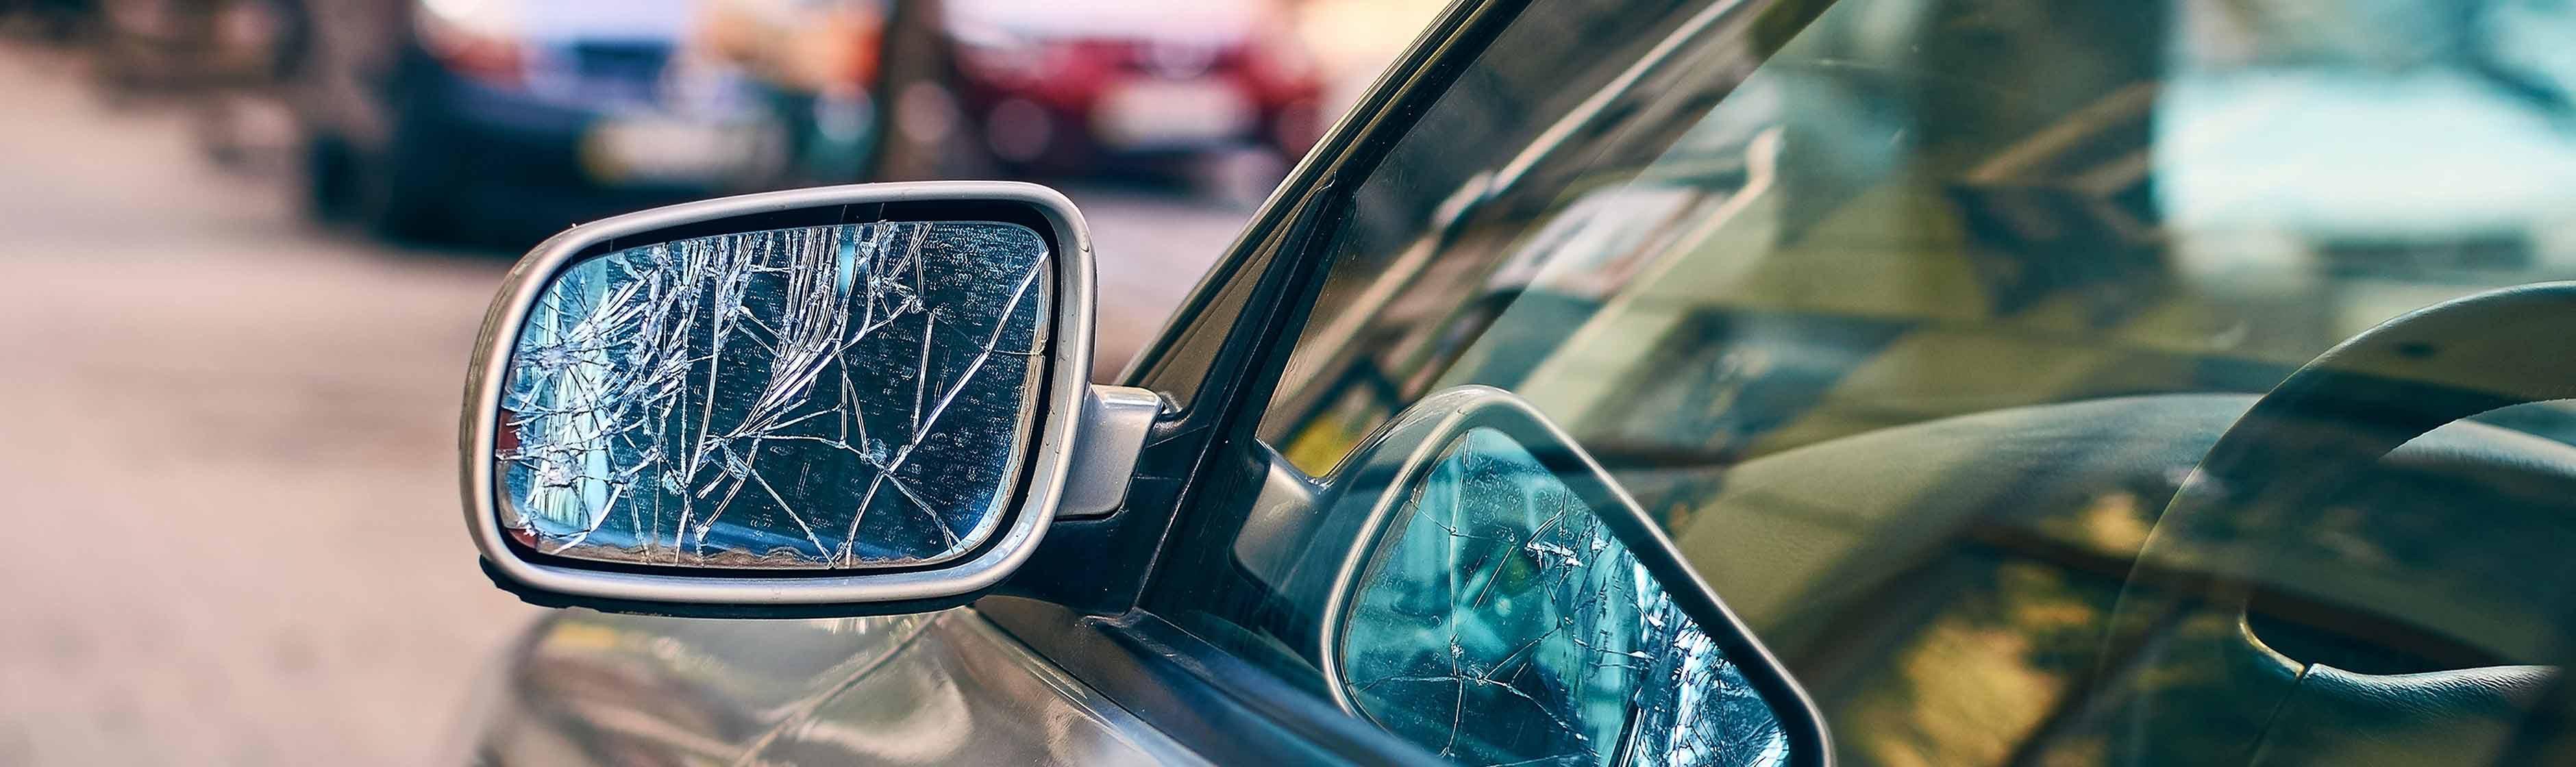 Kapotte autospiegel